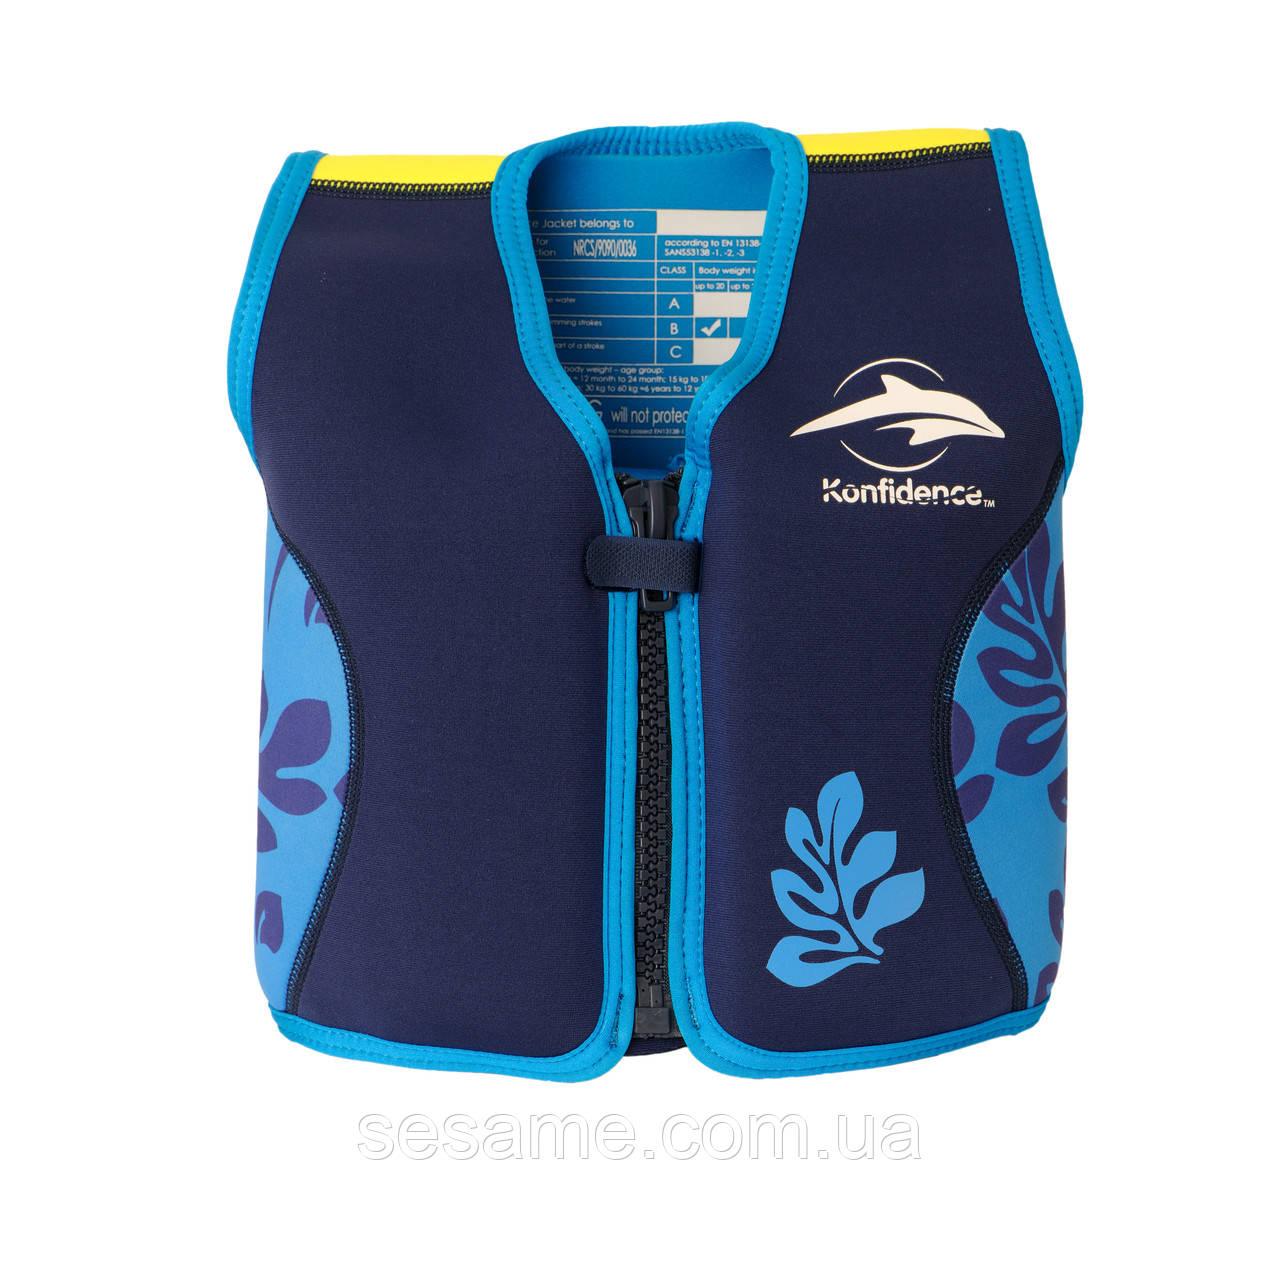 Плавательный жилет Konfidence Original Jacket, Цвет:Navy/Blue Palm KJ14-B